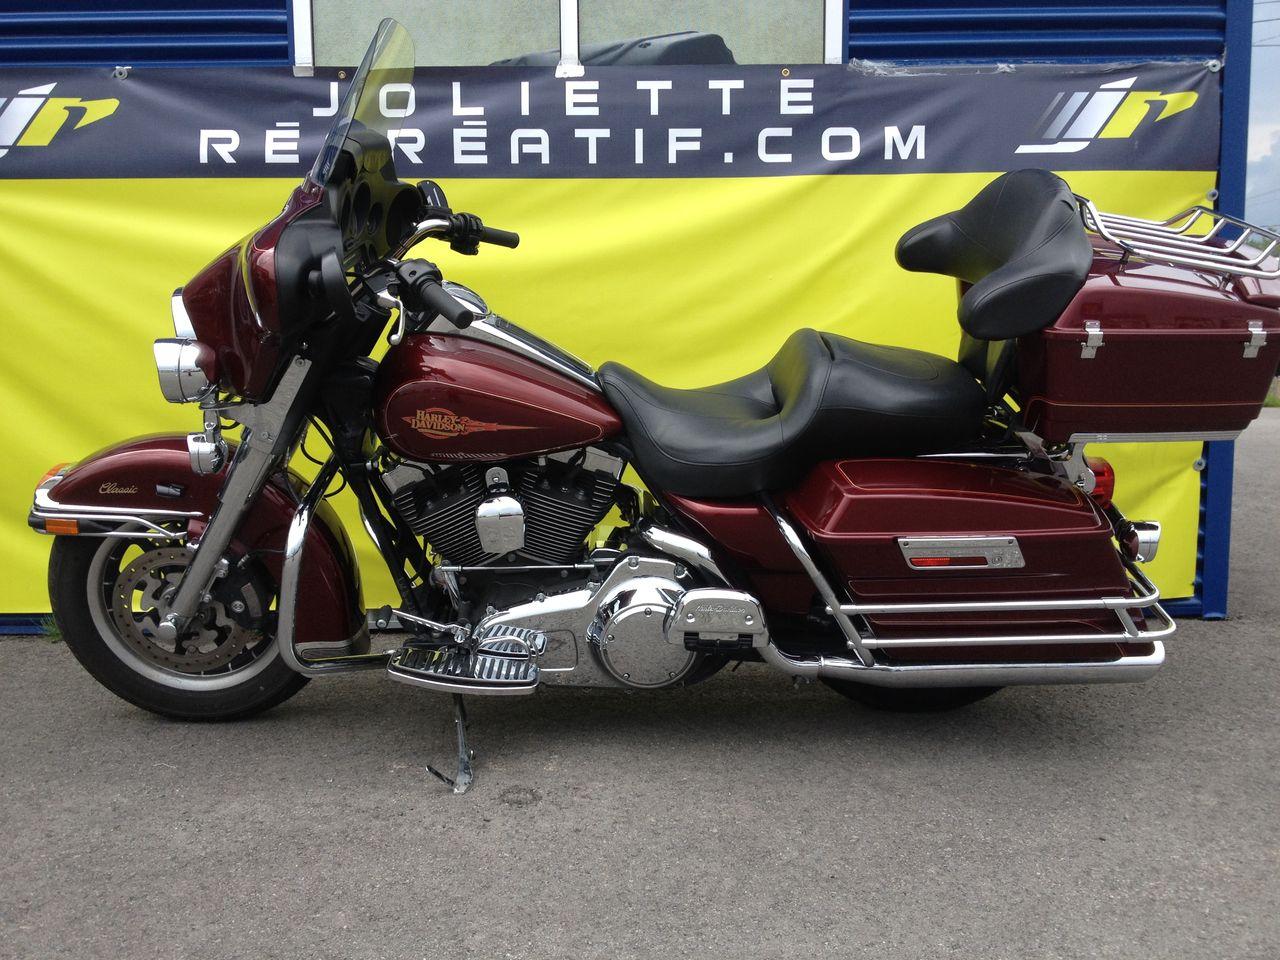 2008 Harley FLHTC